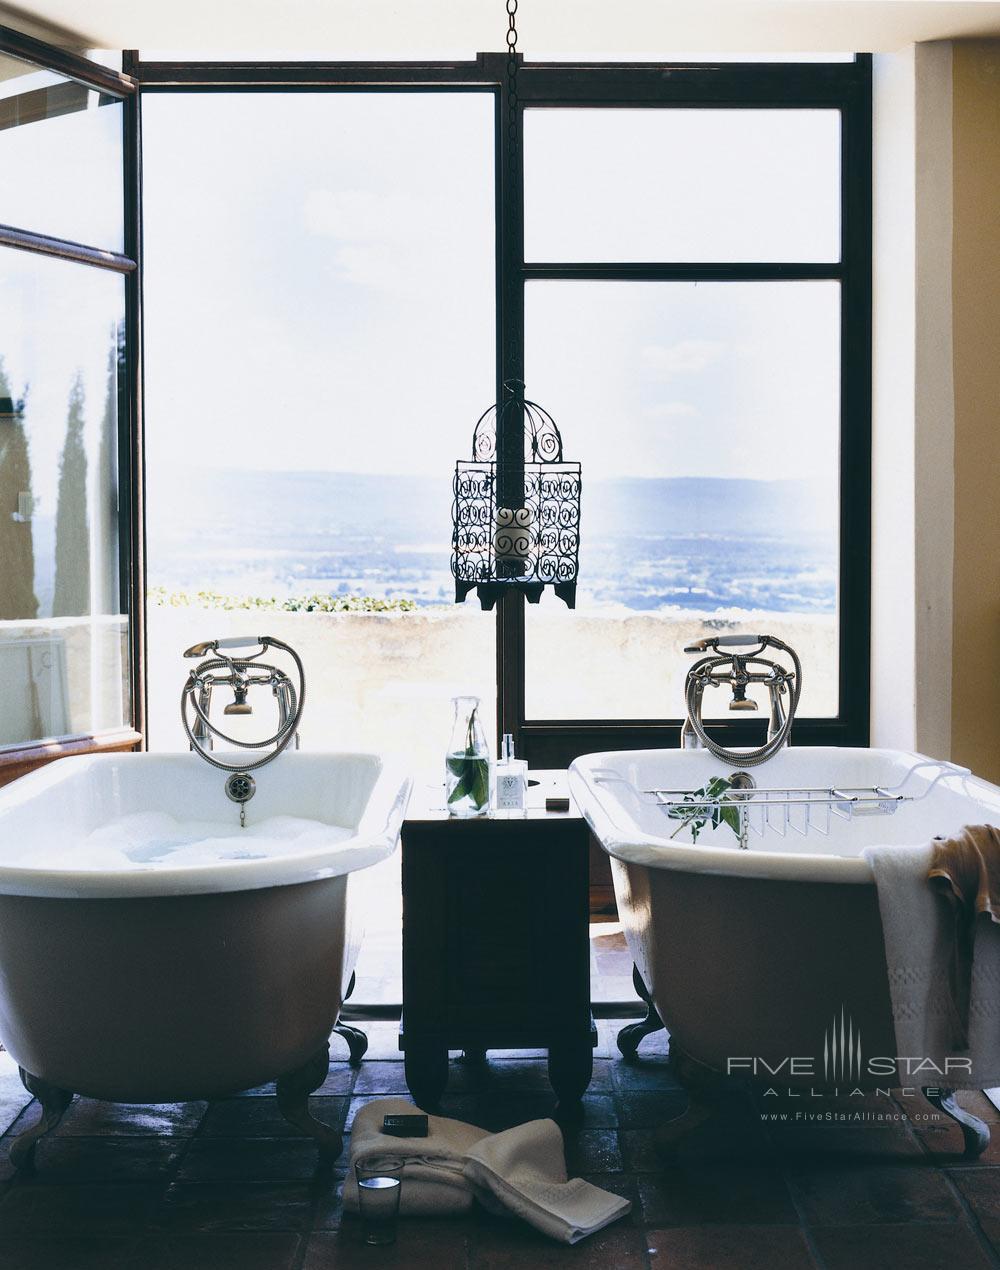 Double Bath at Hotel Crillon Le Brave